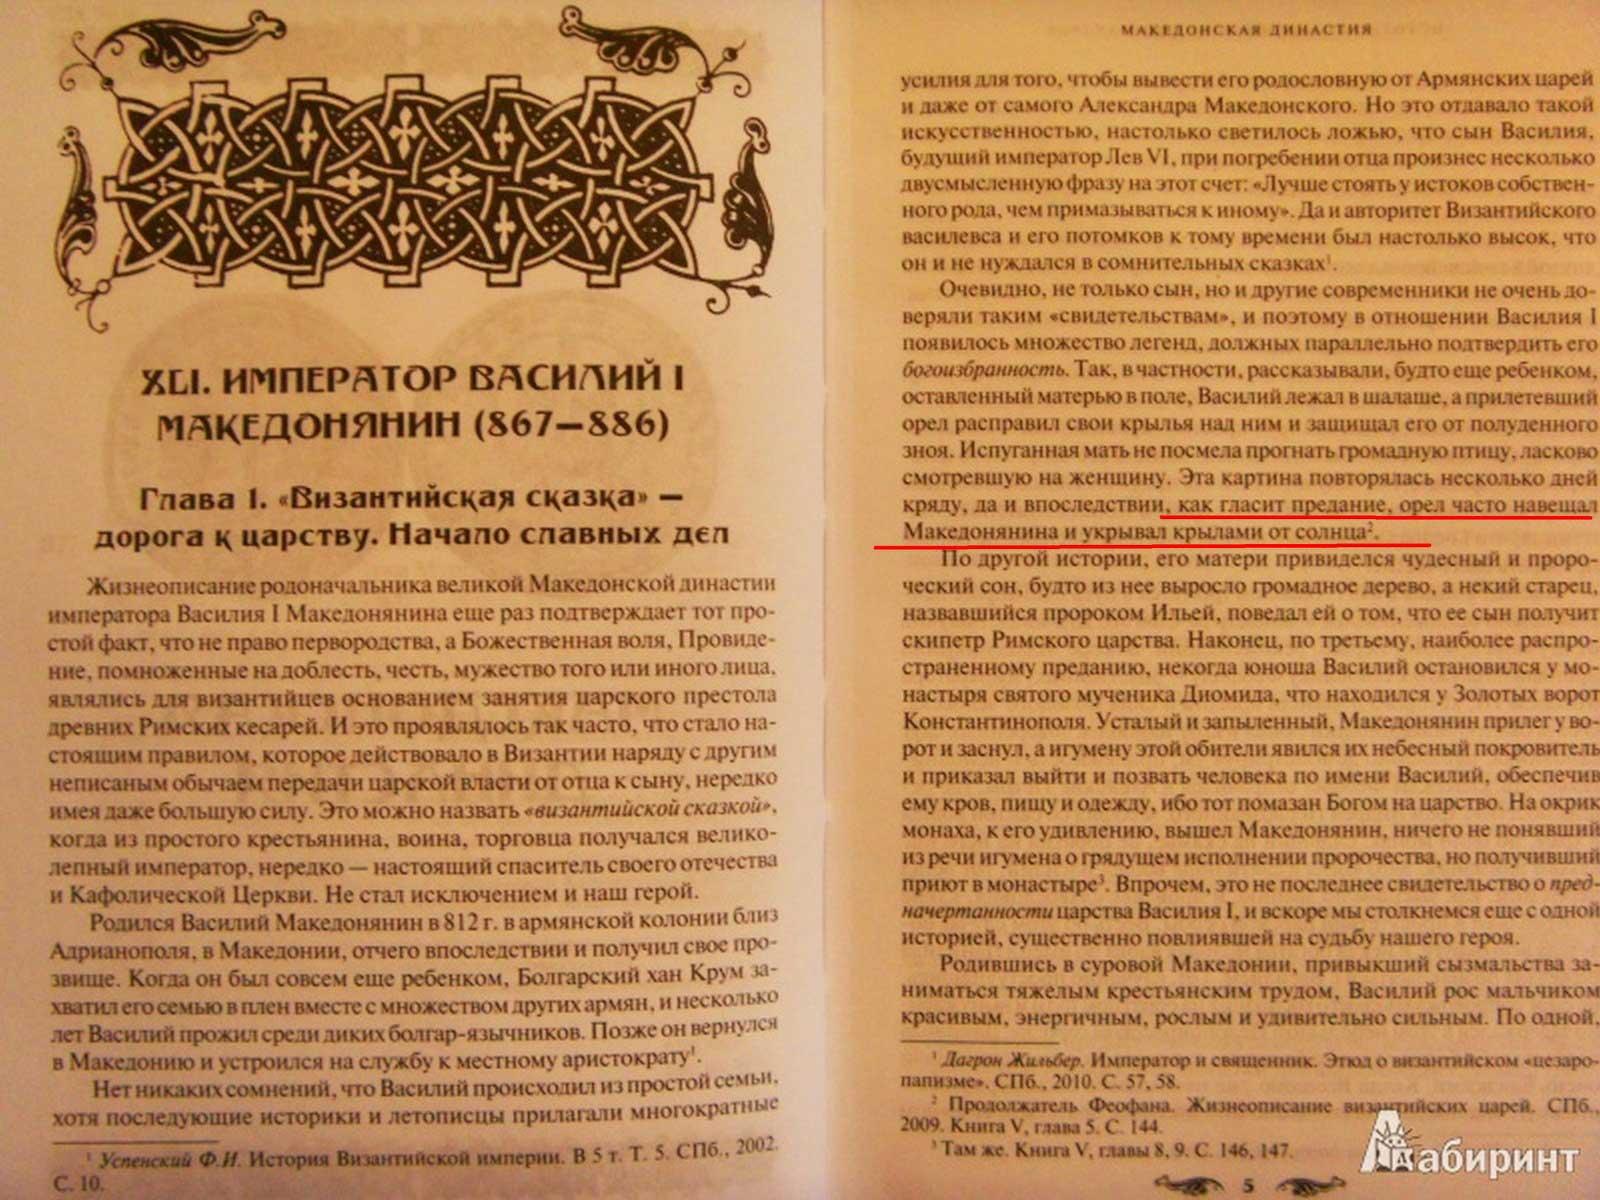 Книга, посвященная династии Василия